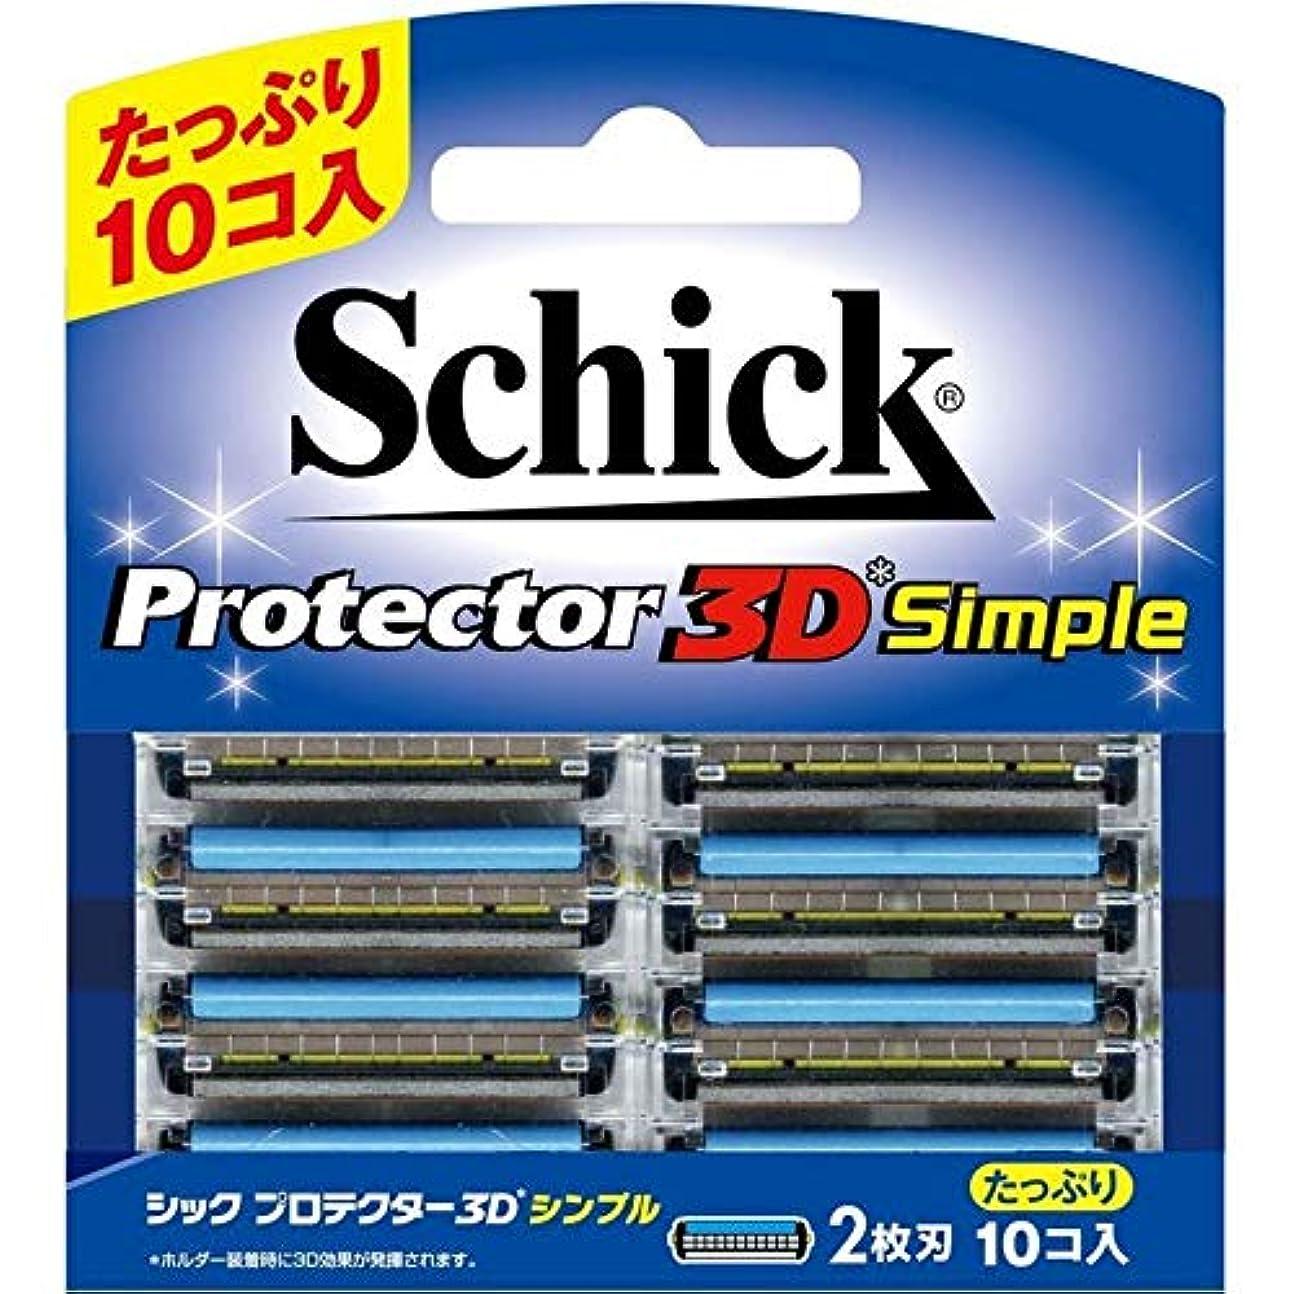 噛むいろいろ法医学シック プロテクター3D シンプル 替刃 (10コ入) 男性用カミソリ 3個セット